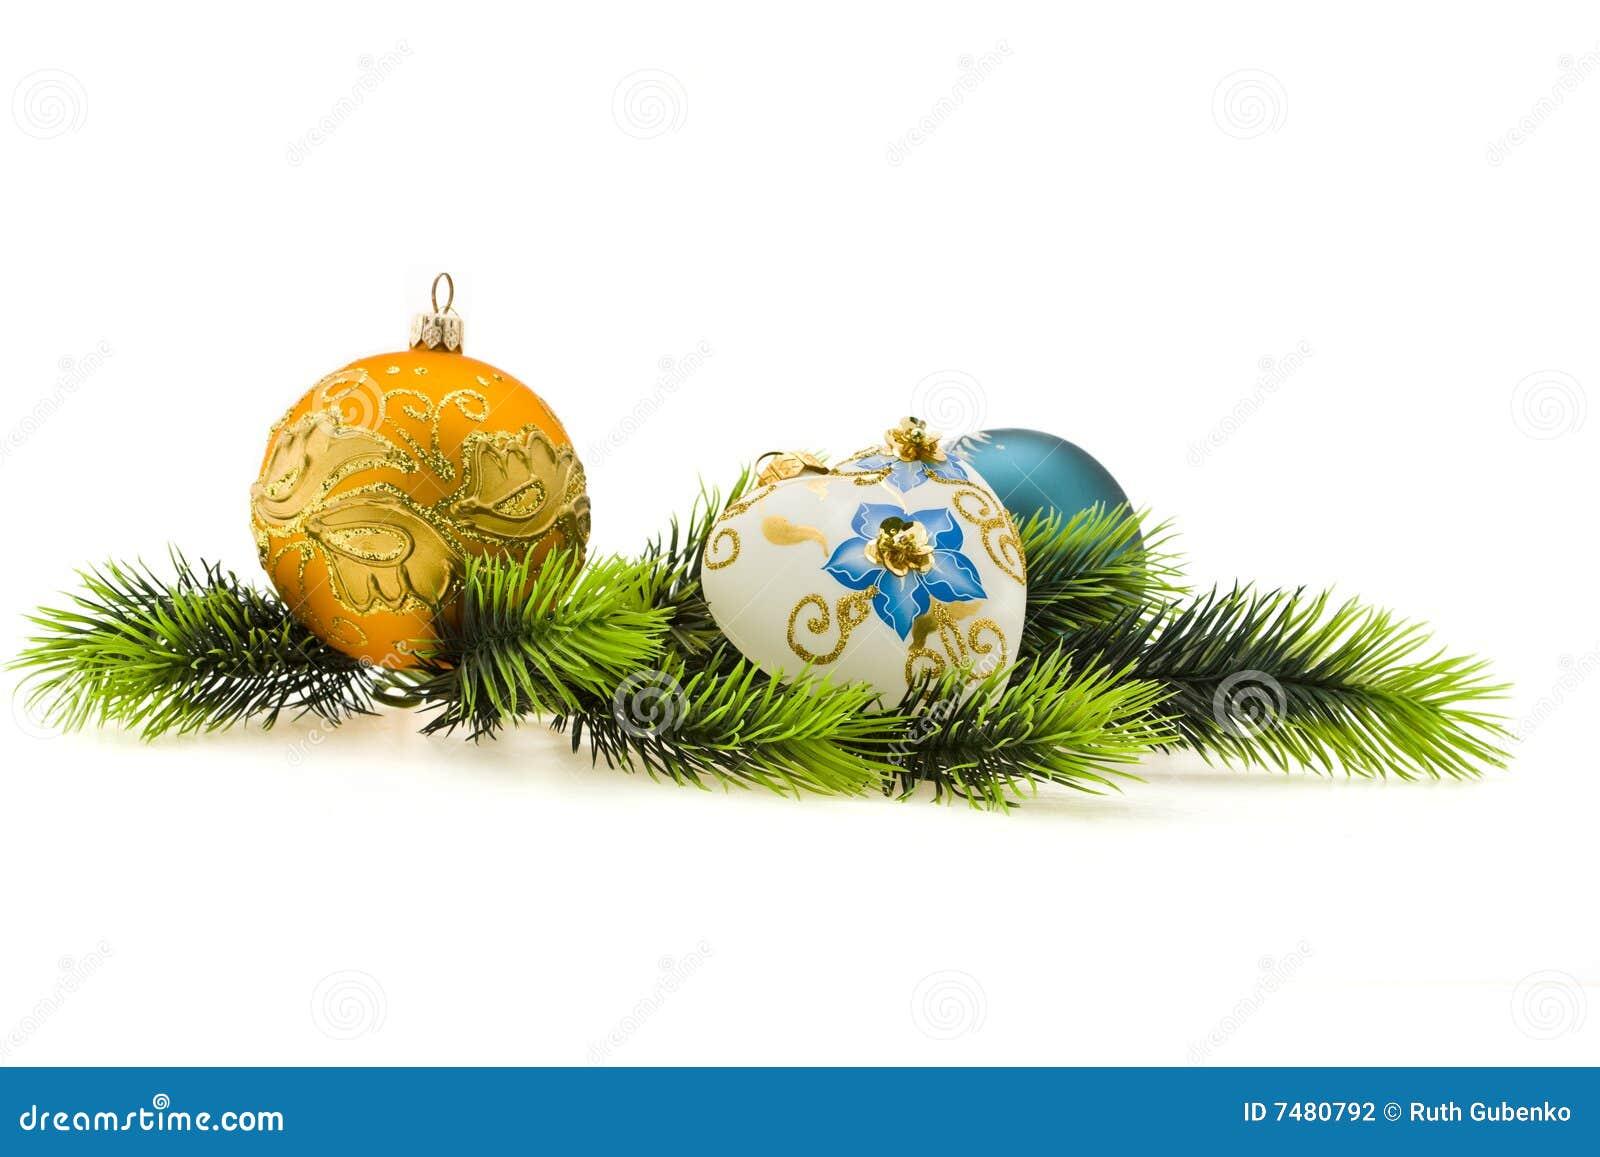 Citaten Kerstmis Nieuwjaar : De boomballen van het jaar kerstmis nieuwjaar stock foto